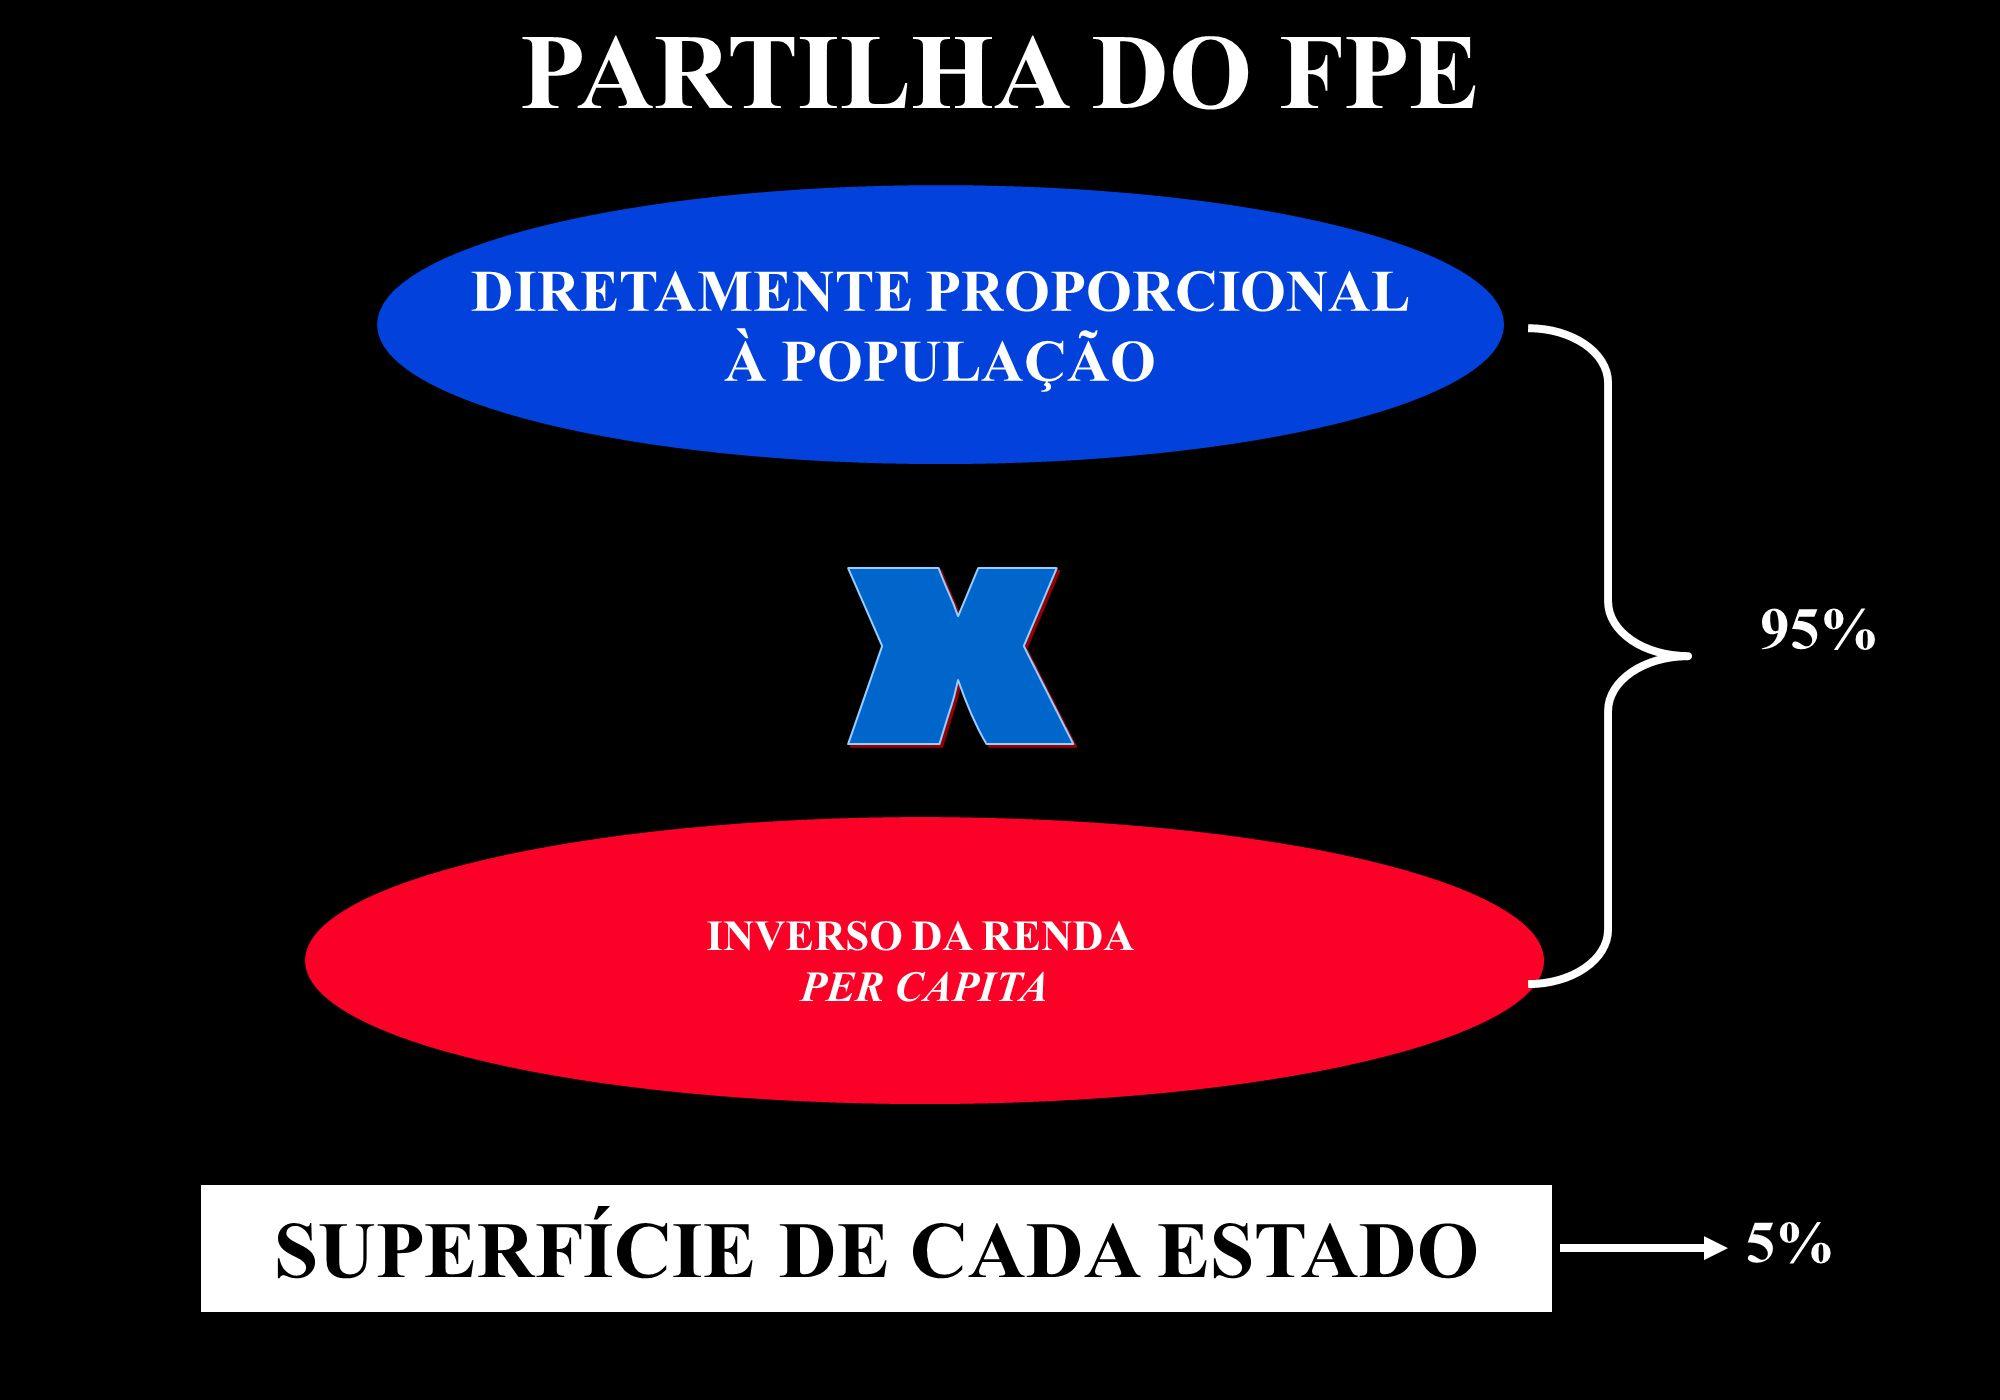 DIRETAMENTE PROPORCIONAL À POPULAÇÃO INVERSO DA RENDA PER CAPITA 95% SUPERFÍCIE DE CADA ESTADO 5% PARTILHA DO FPE